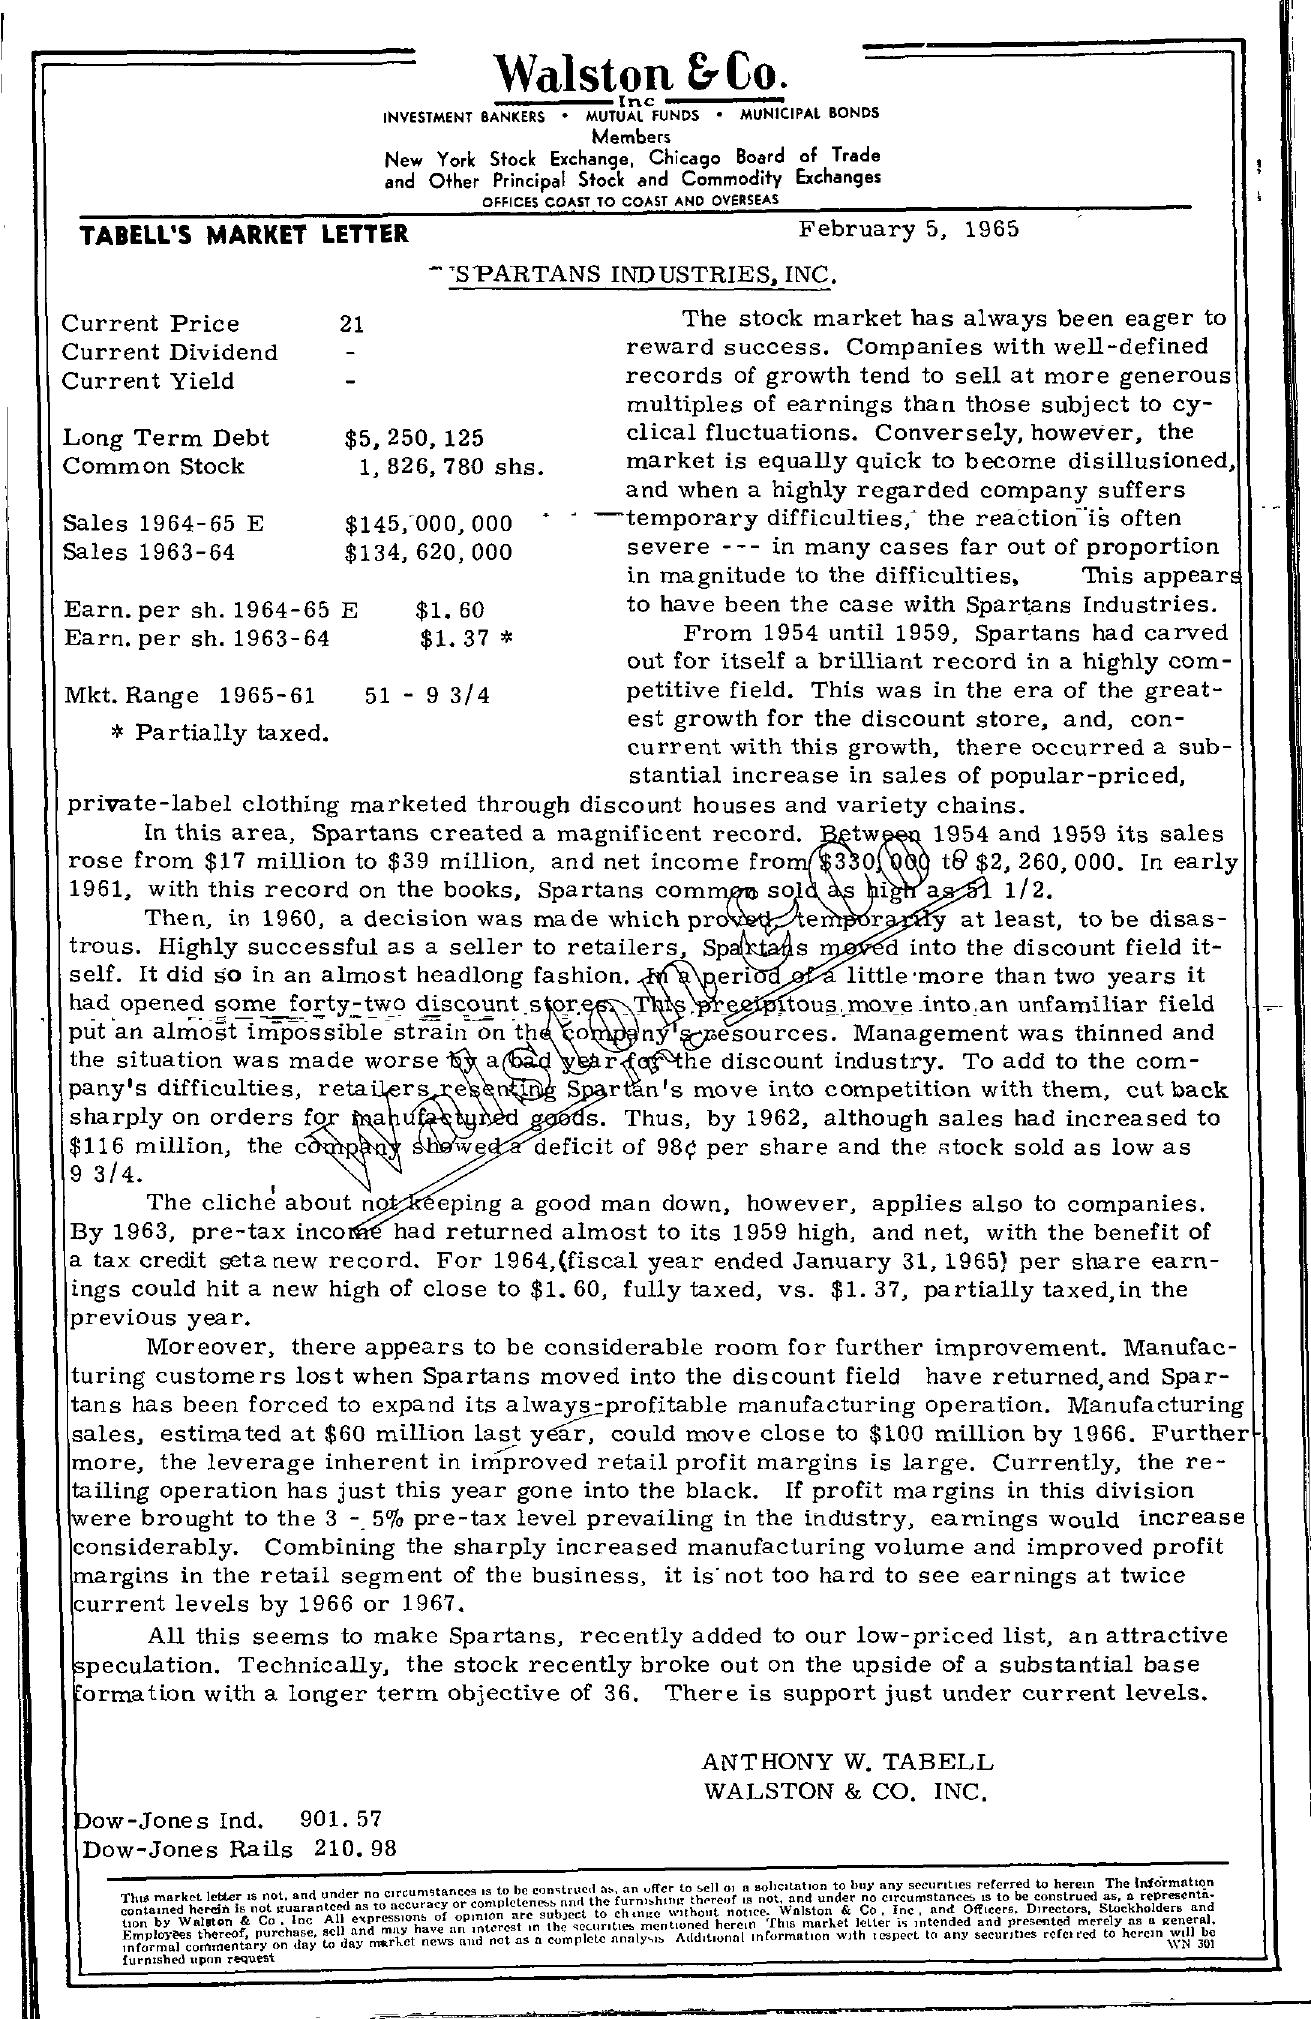 Tabell's Market Letter - February 05, 1965